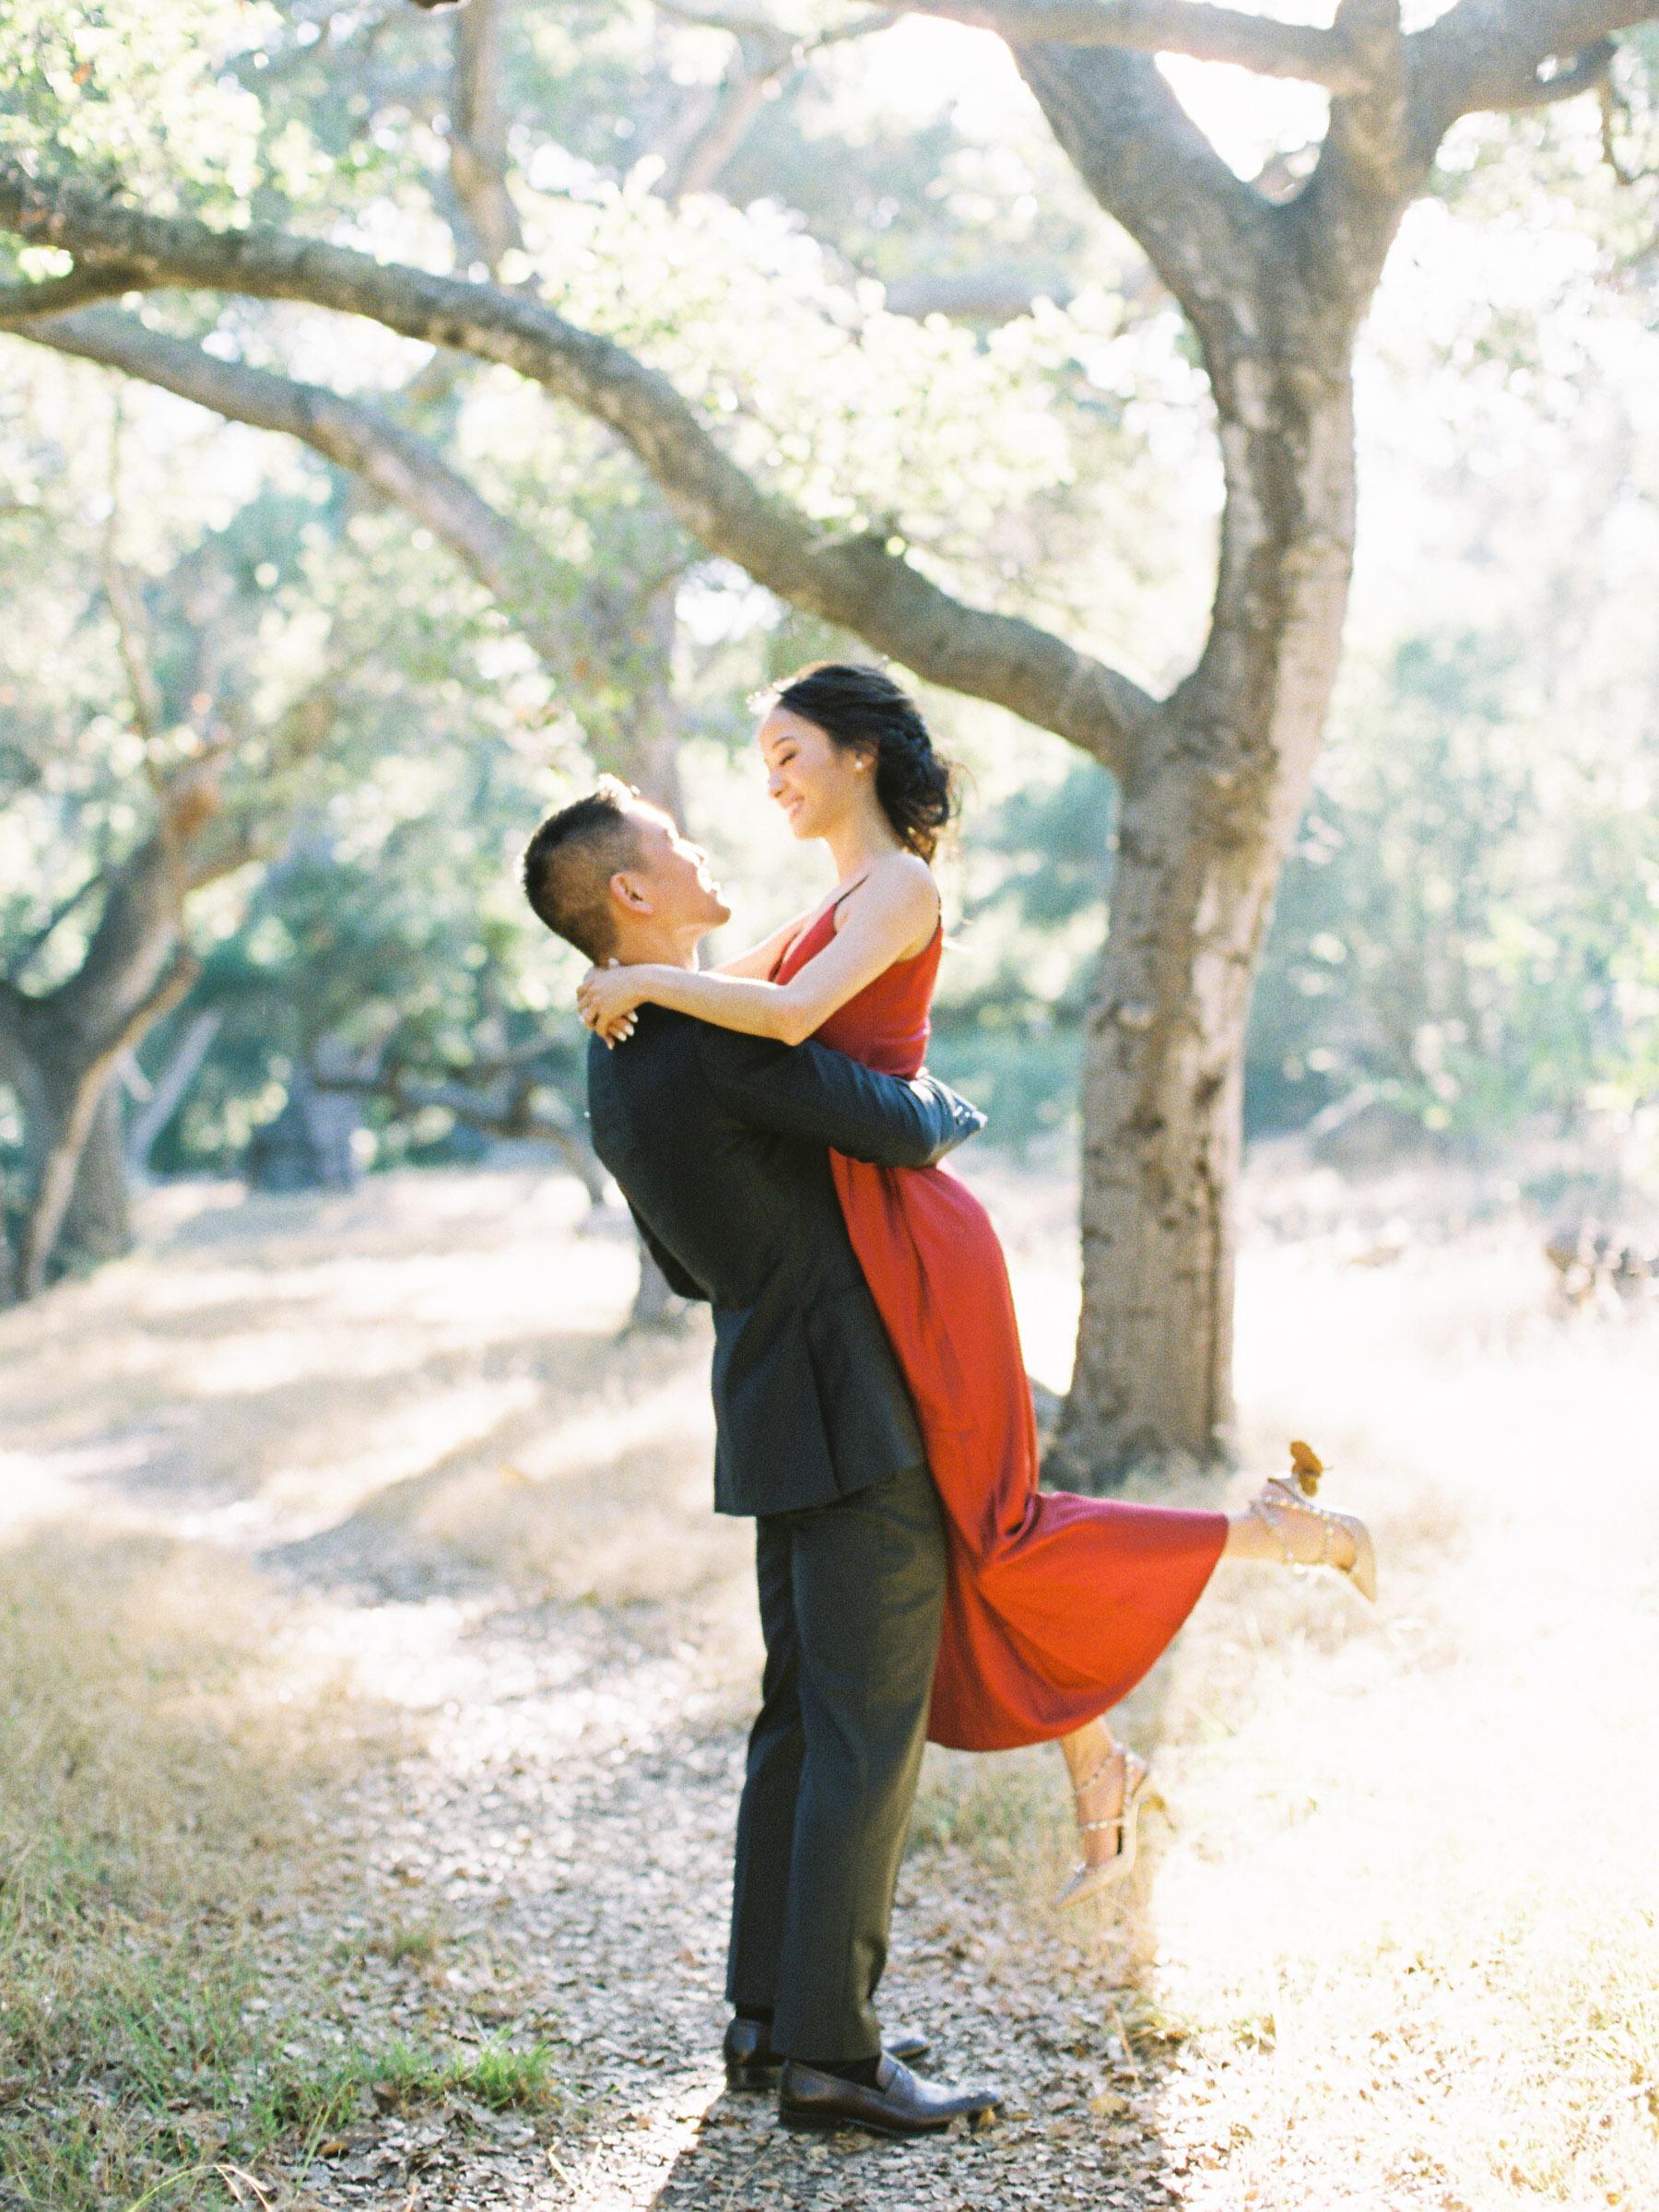 Santa-Barbara-Engagement-101-Jen-Huang-009916-R1-022.jpg